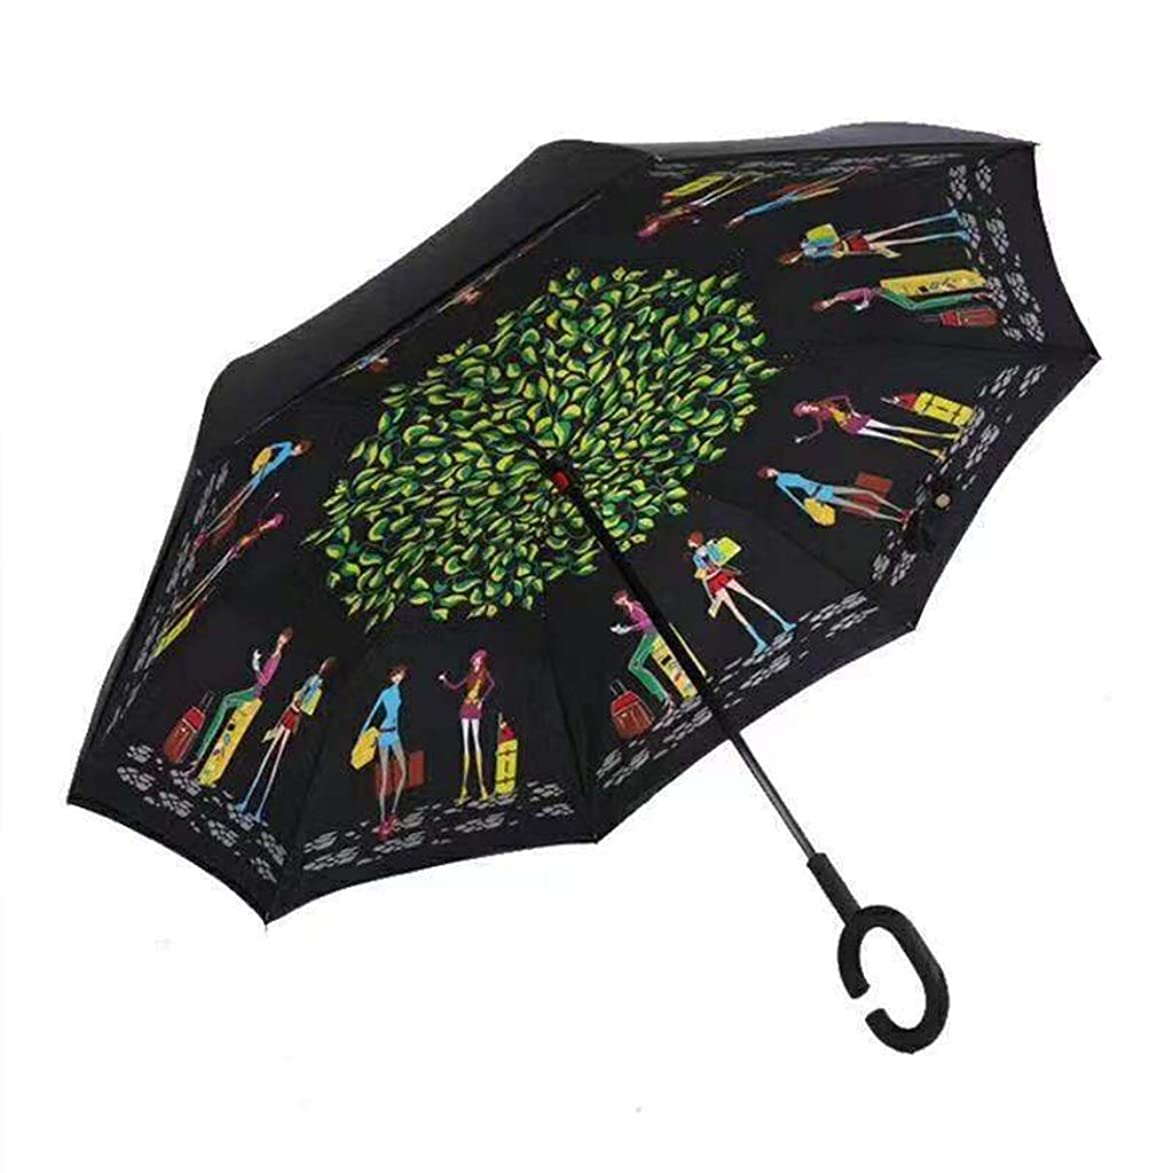 少なくとも樫の木誓いYSYYSH 傘逆傘ハンズフリーロングハンドル傘C型ハンドルは保持するのが快適で旅行ガール124 CM×80 CMに高速 クラシック傘